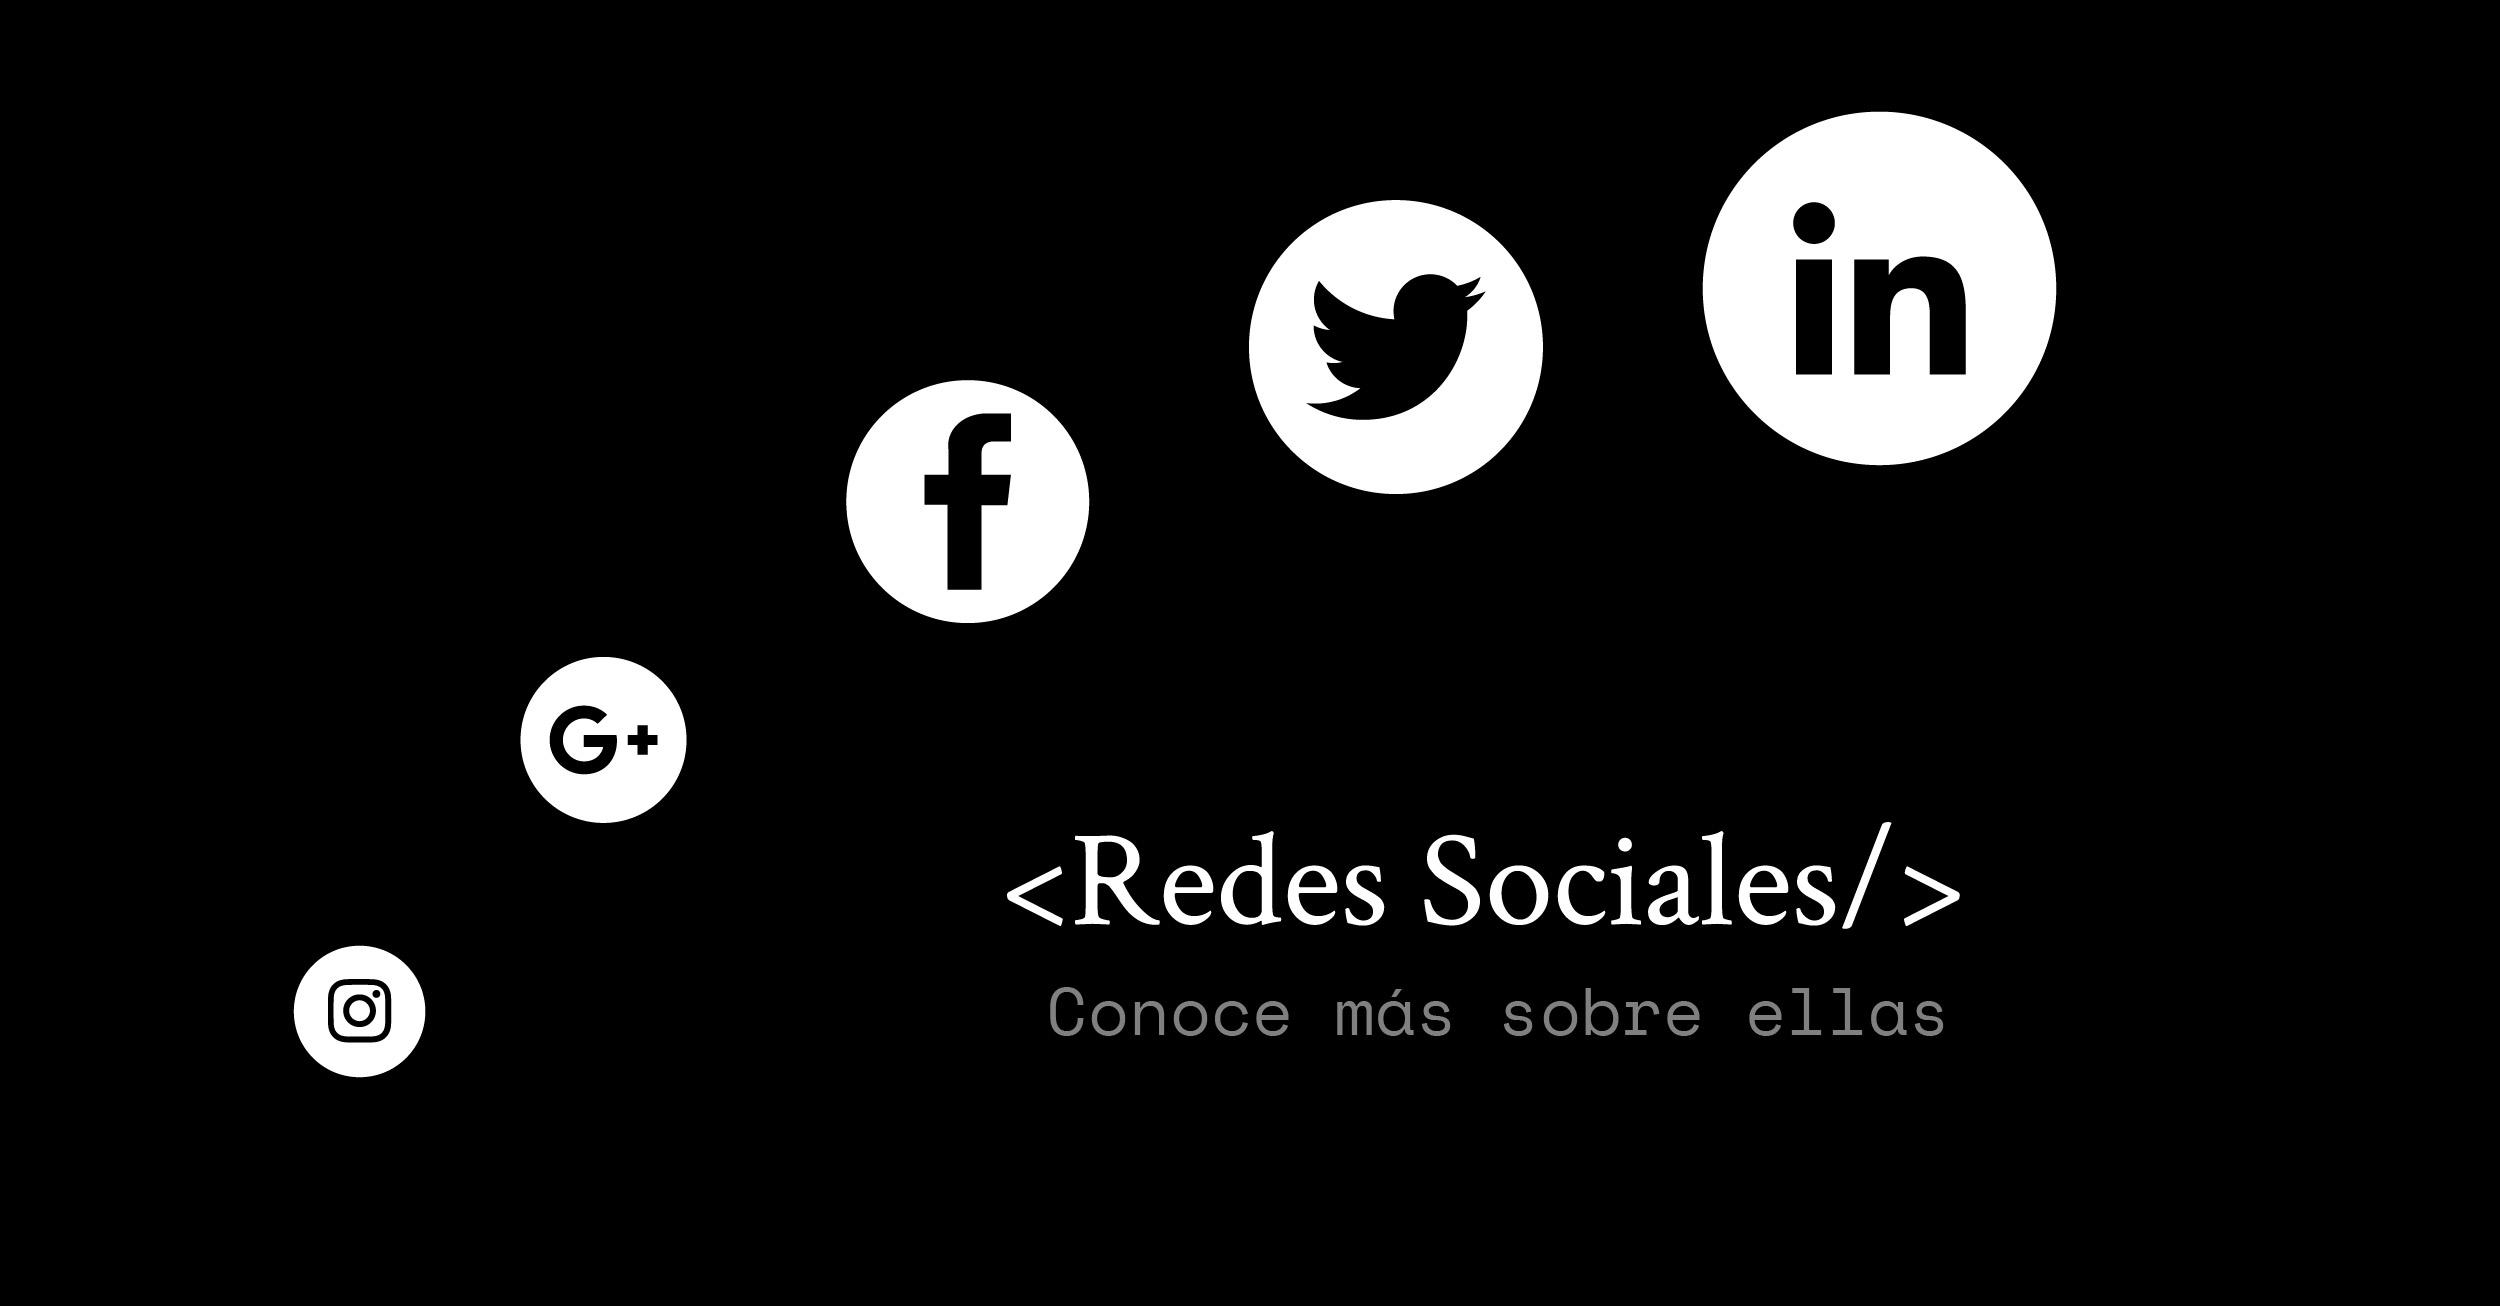 Redes Sociales: Conoce más sobre ellas.